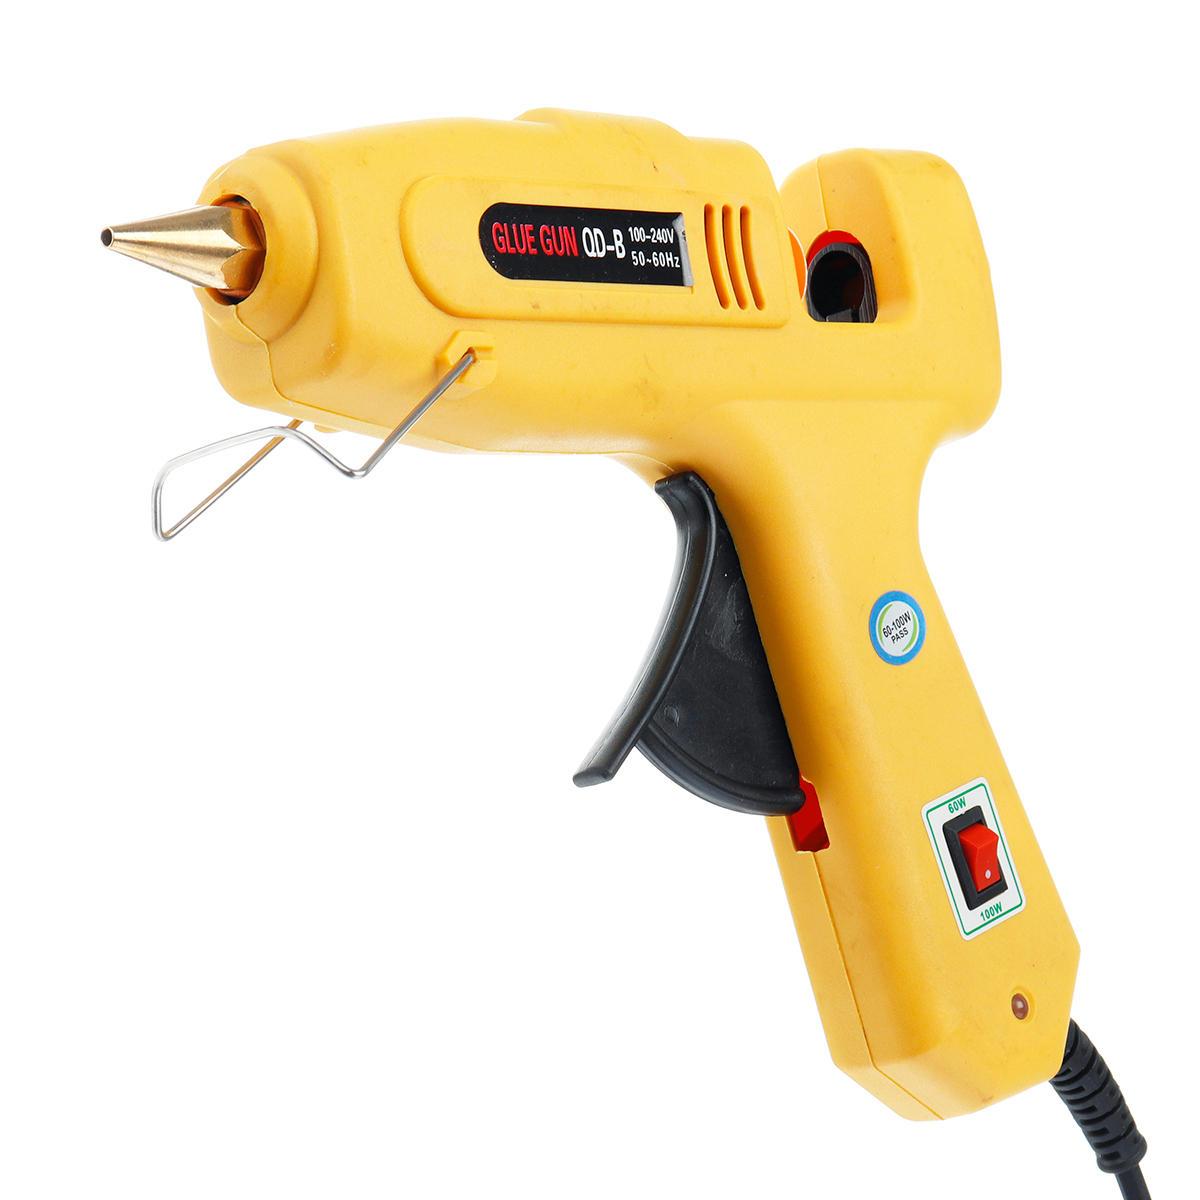 60W / 100W Riscaldatore applicatore per colla Silicone Hot Melt Riparazione fai da te Strumento elettrico Dual Power